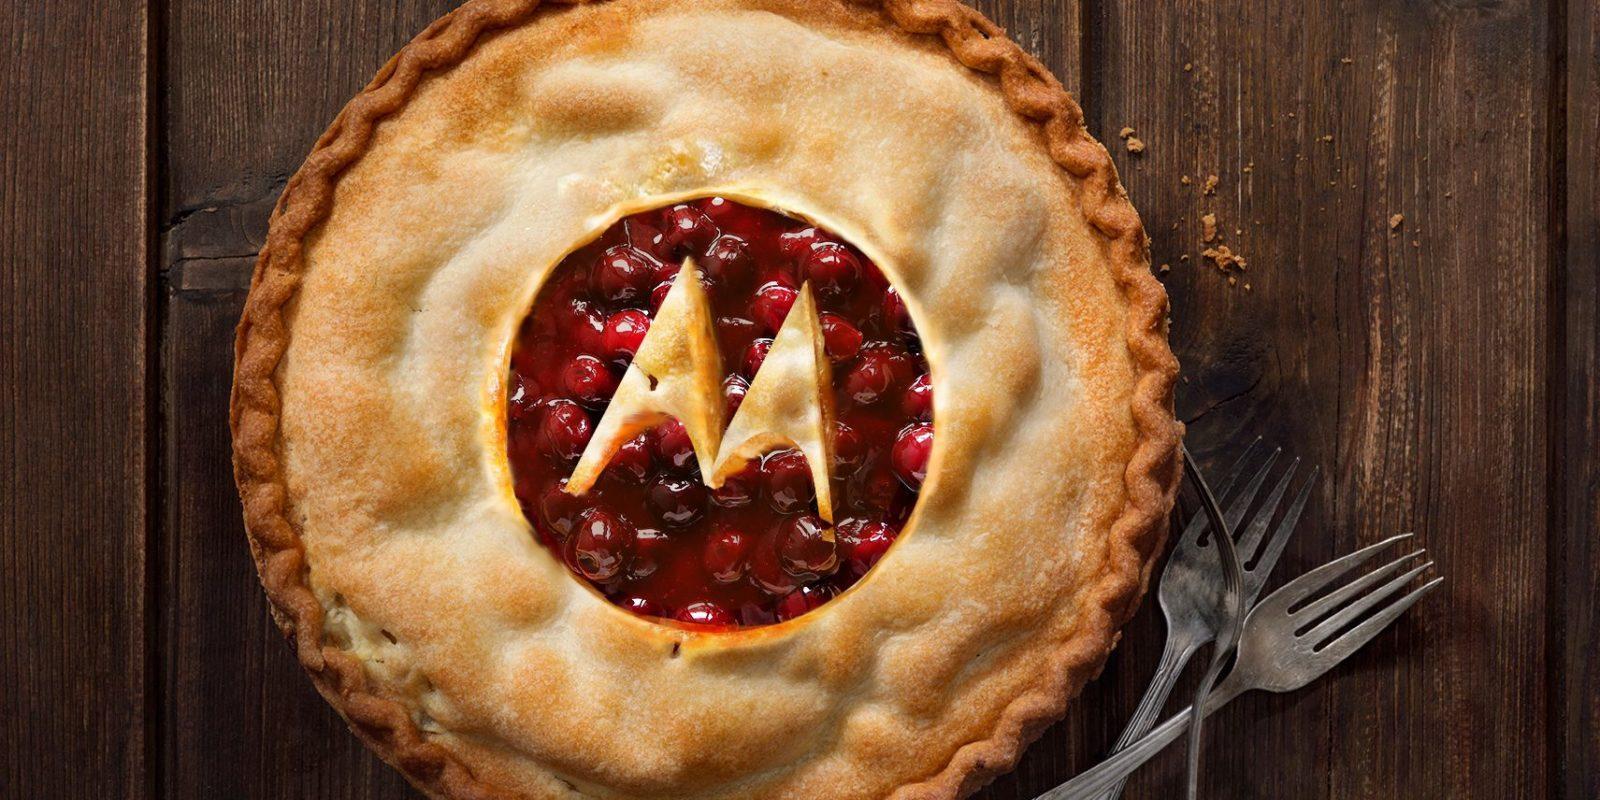 Ecco i dispositivi Motorola che riceveranno Android 9 Pie